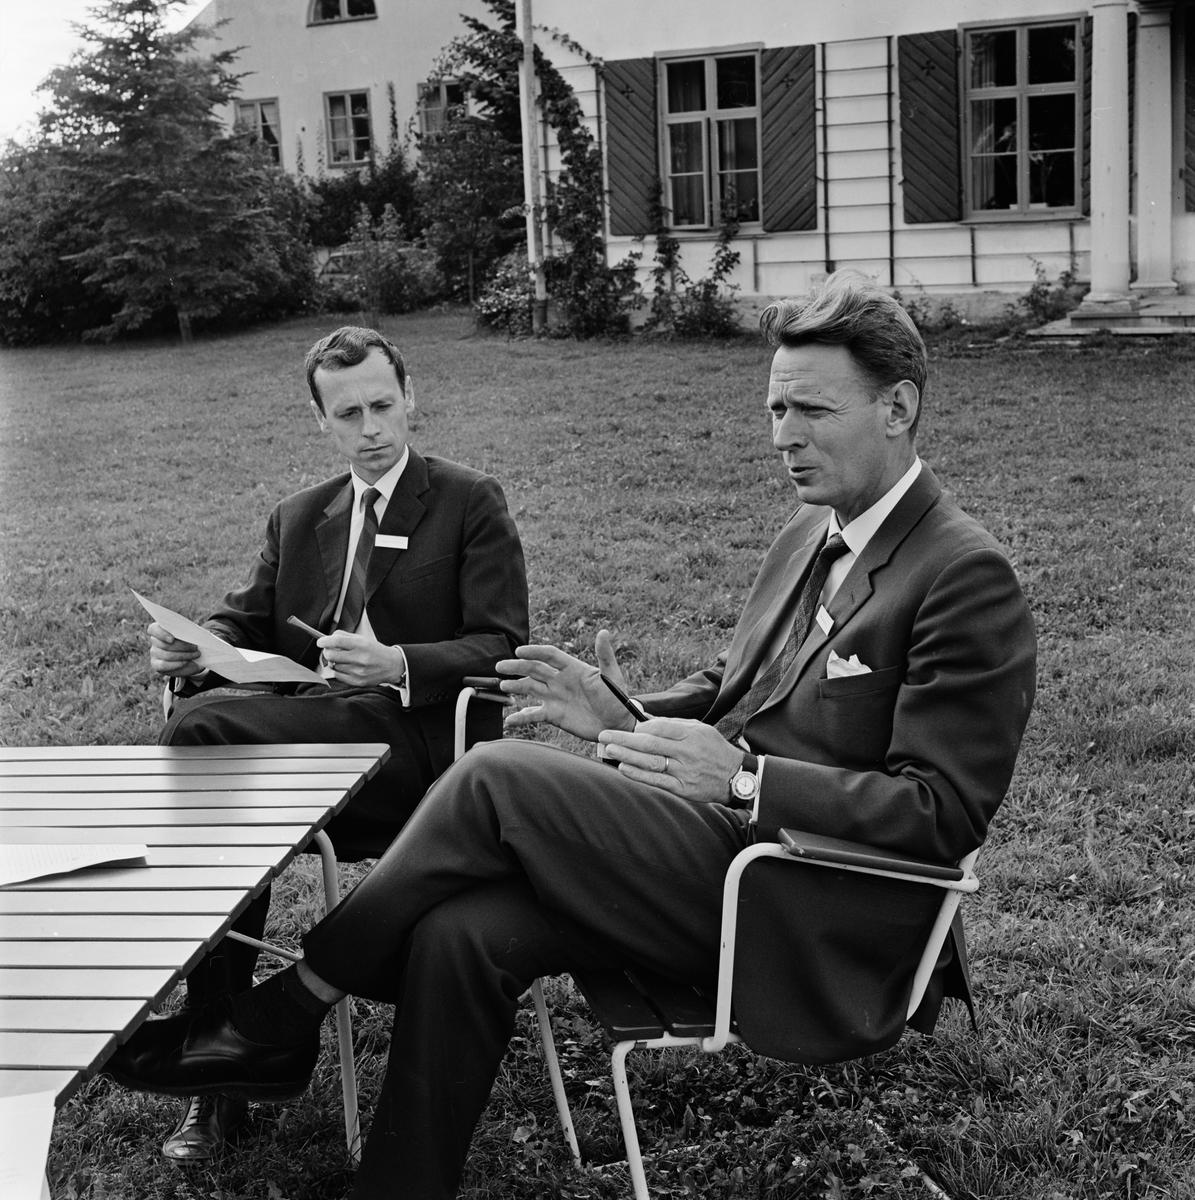 Biskops Arnö, Övergrans socken, Uppland september 1963